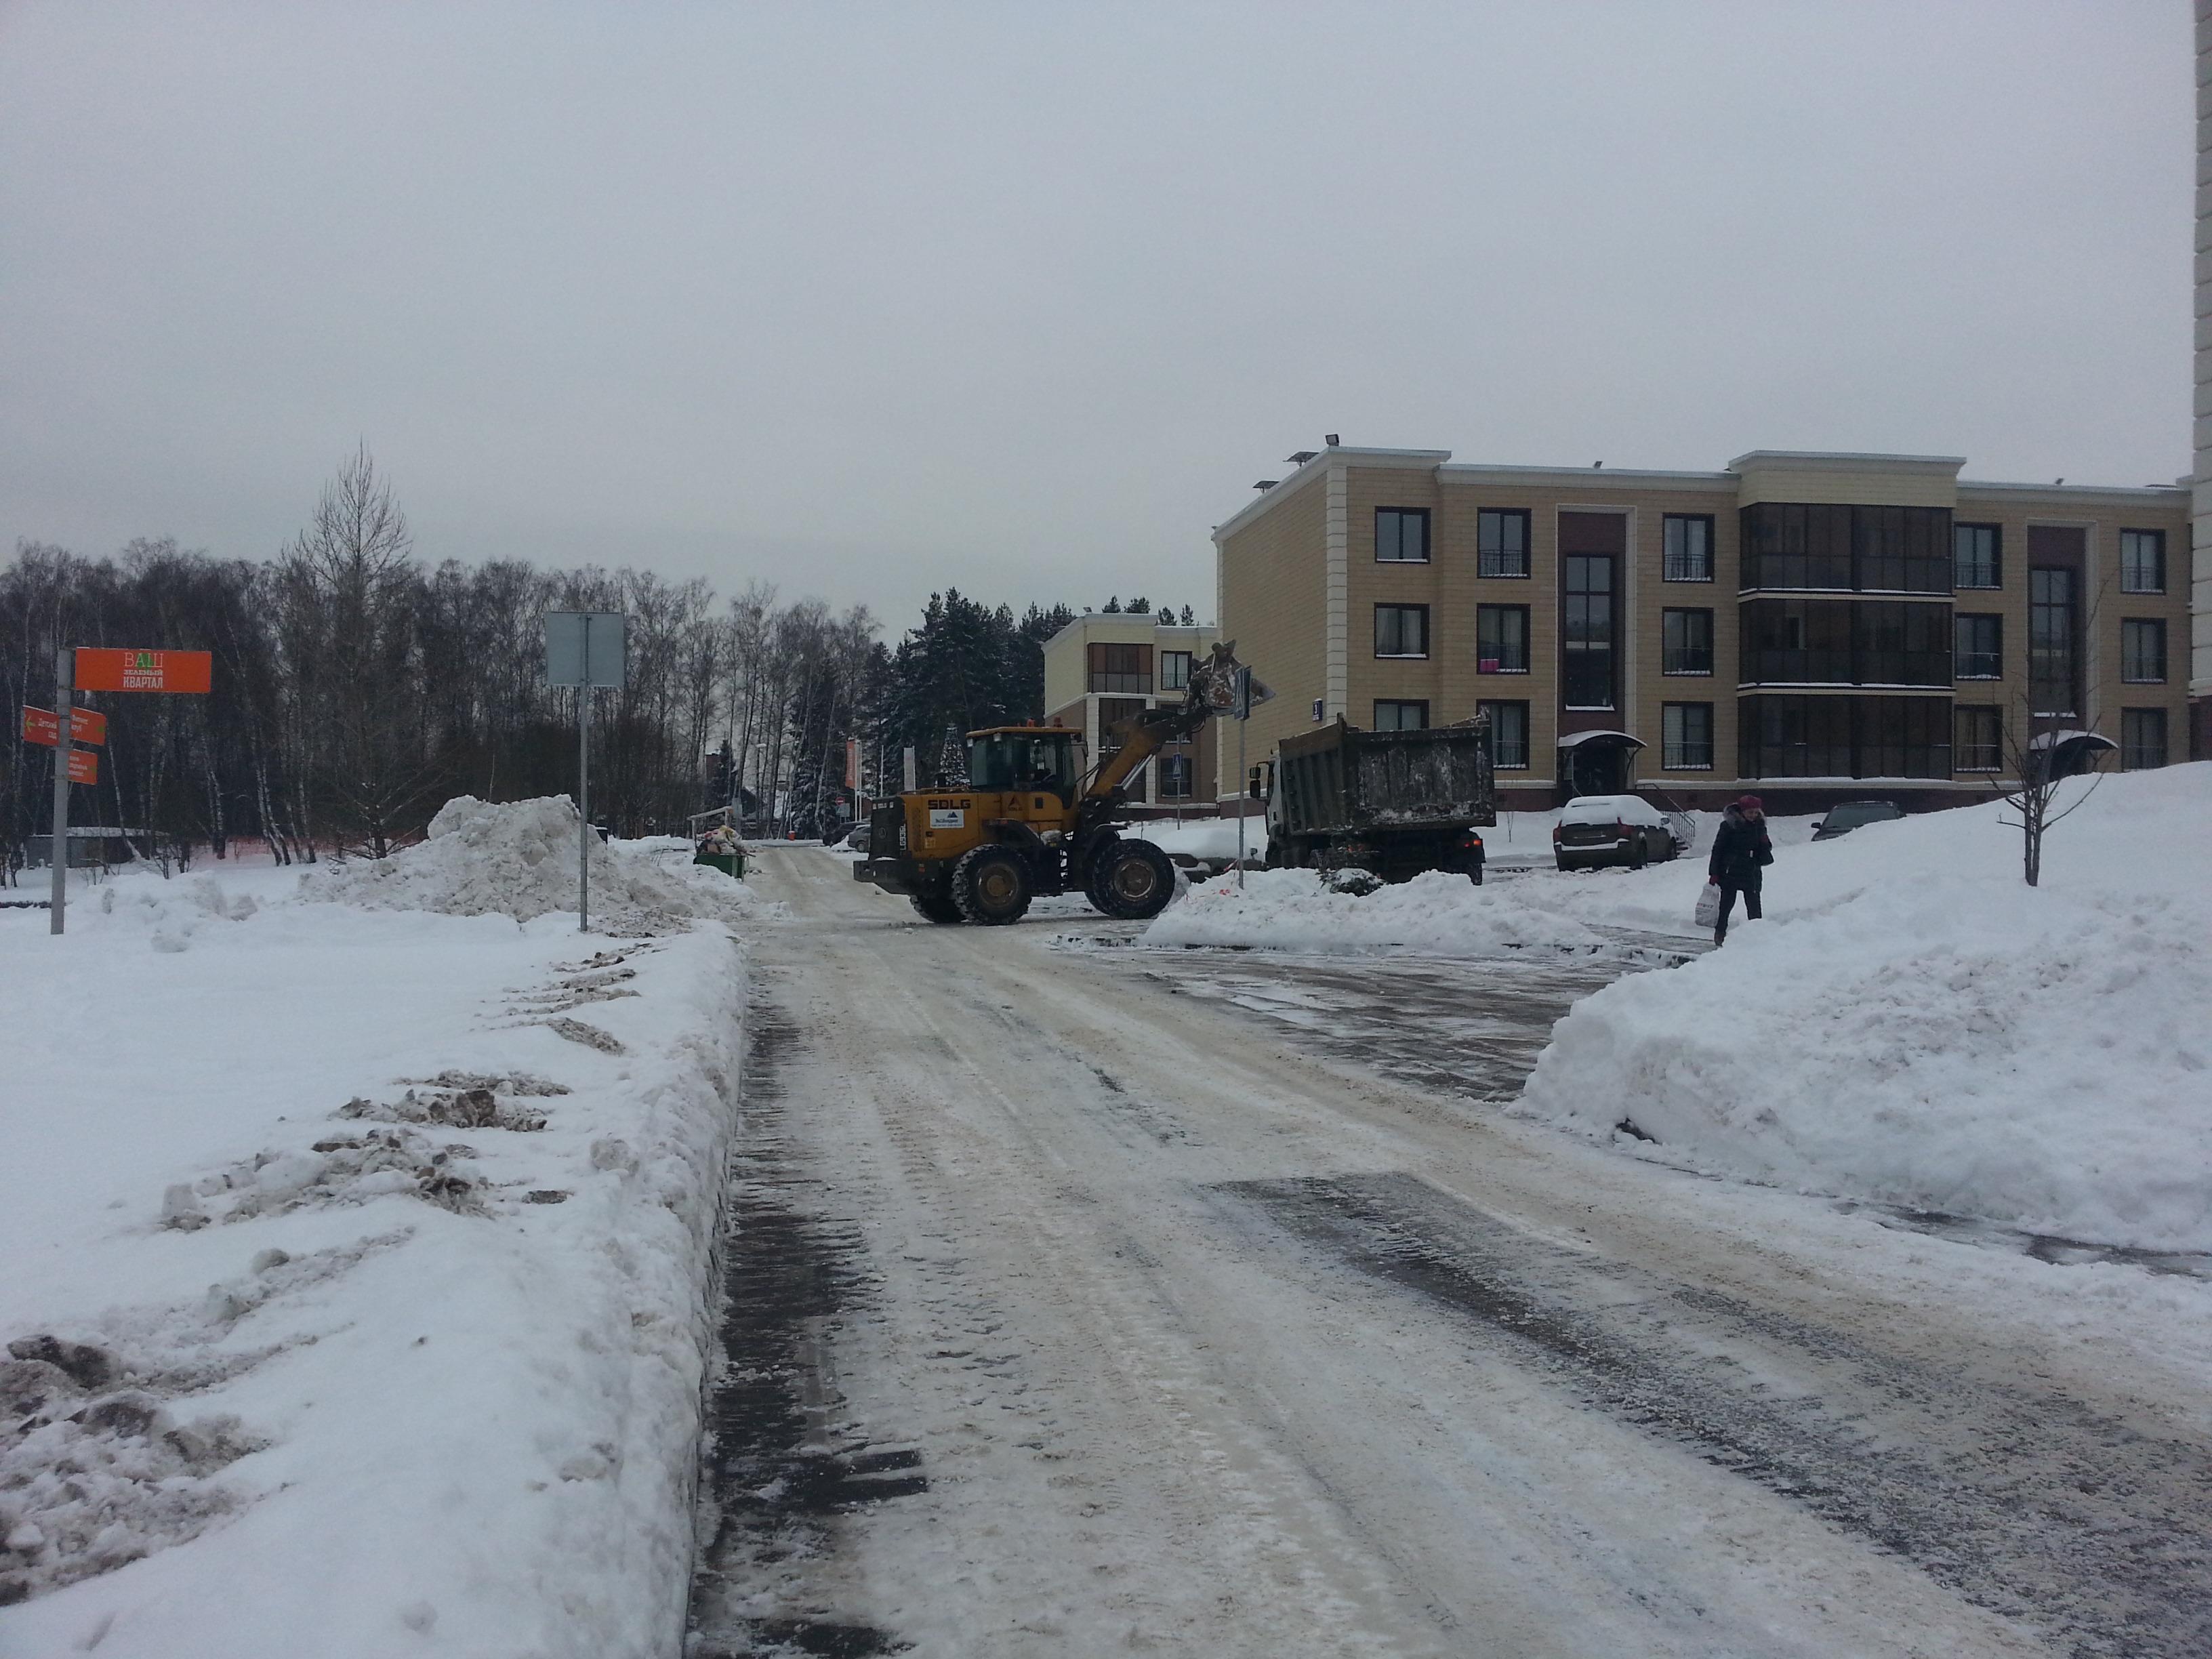 Накануне нового снегопада на улицы Москвы вышло 18 тысяч единиц спецтехники